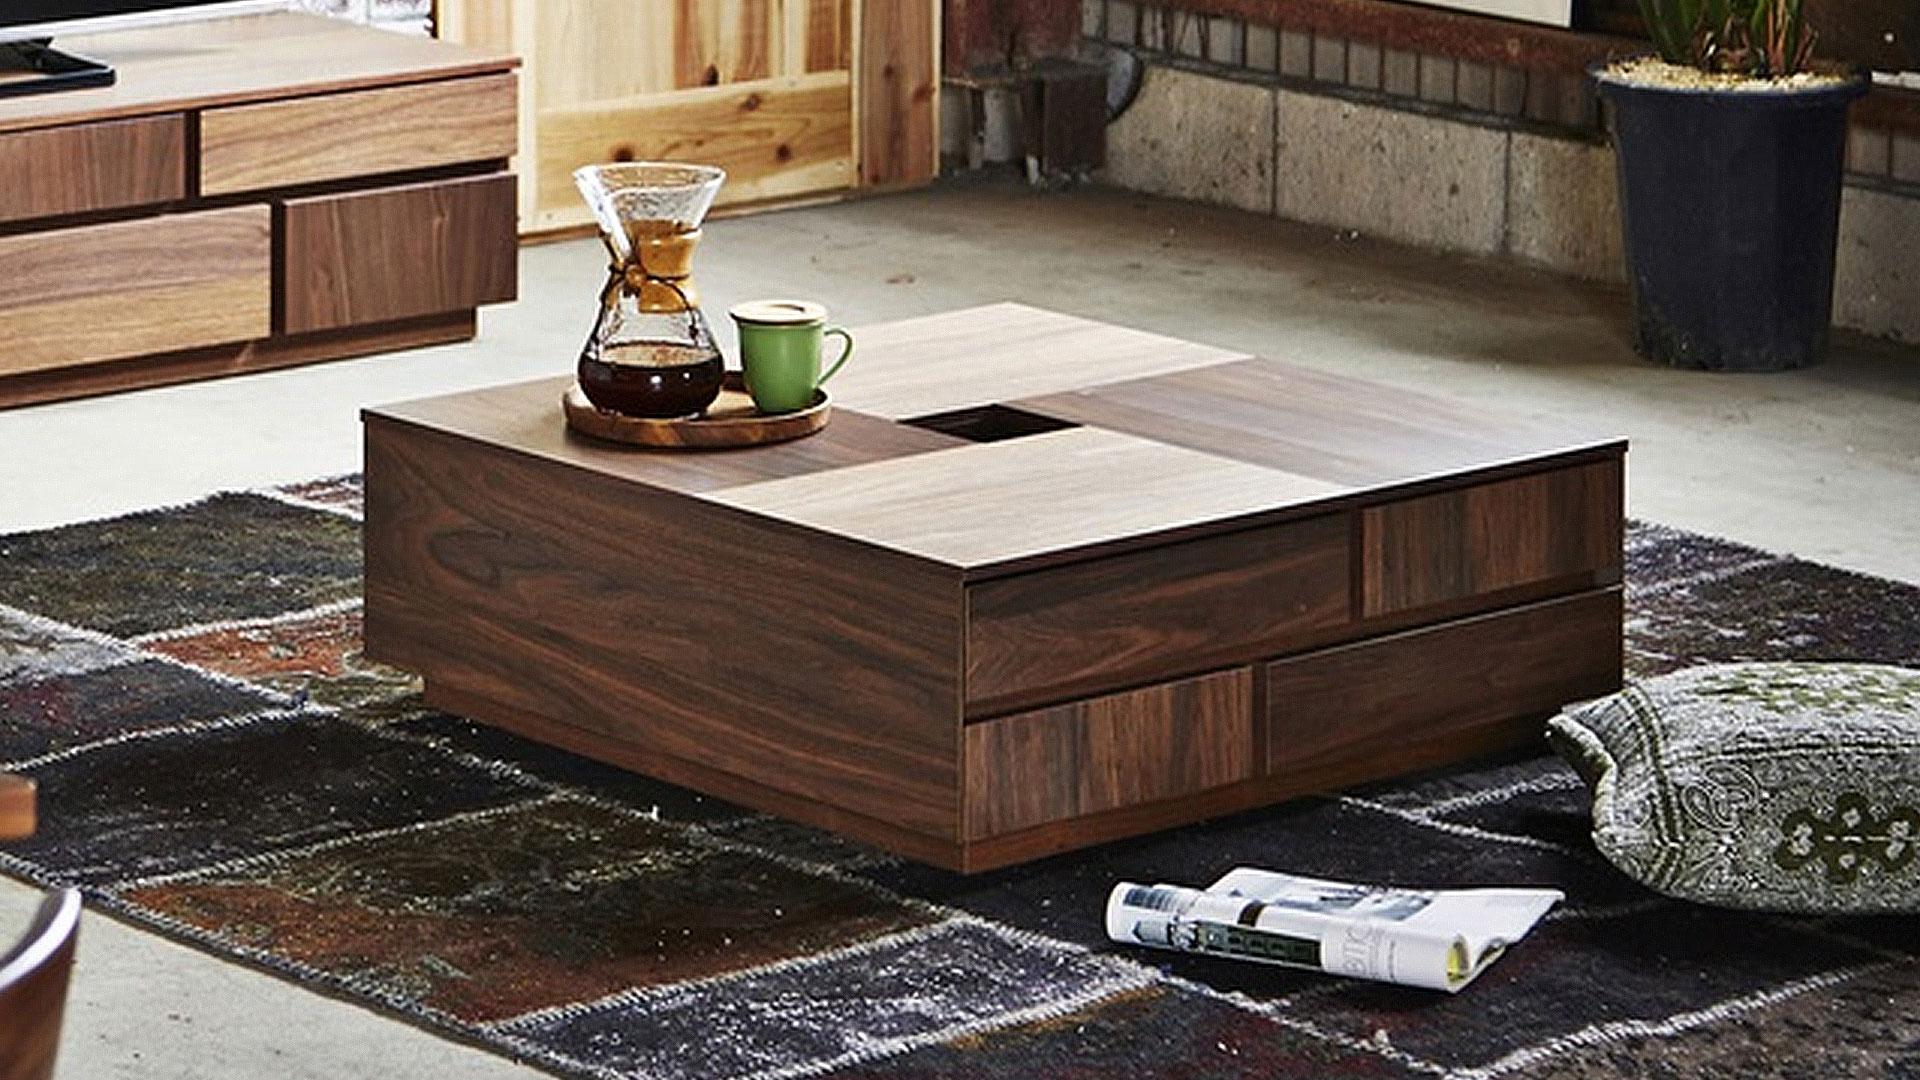 関家具のニッポネアのセンターテーブルのアトリのイメージ画像